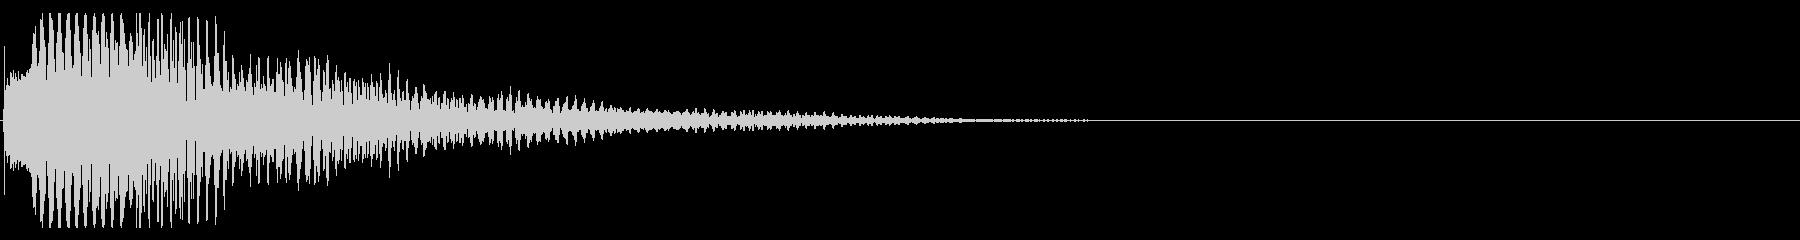 マリンバ効果音 ピコピコンの未再生の波形